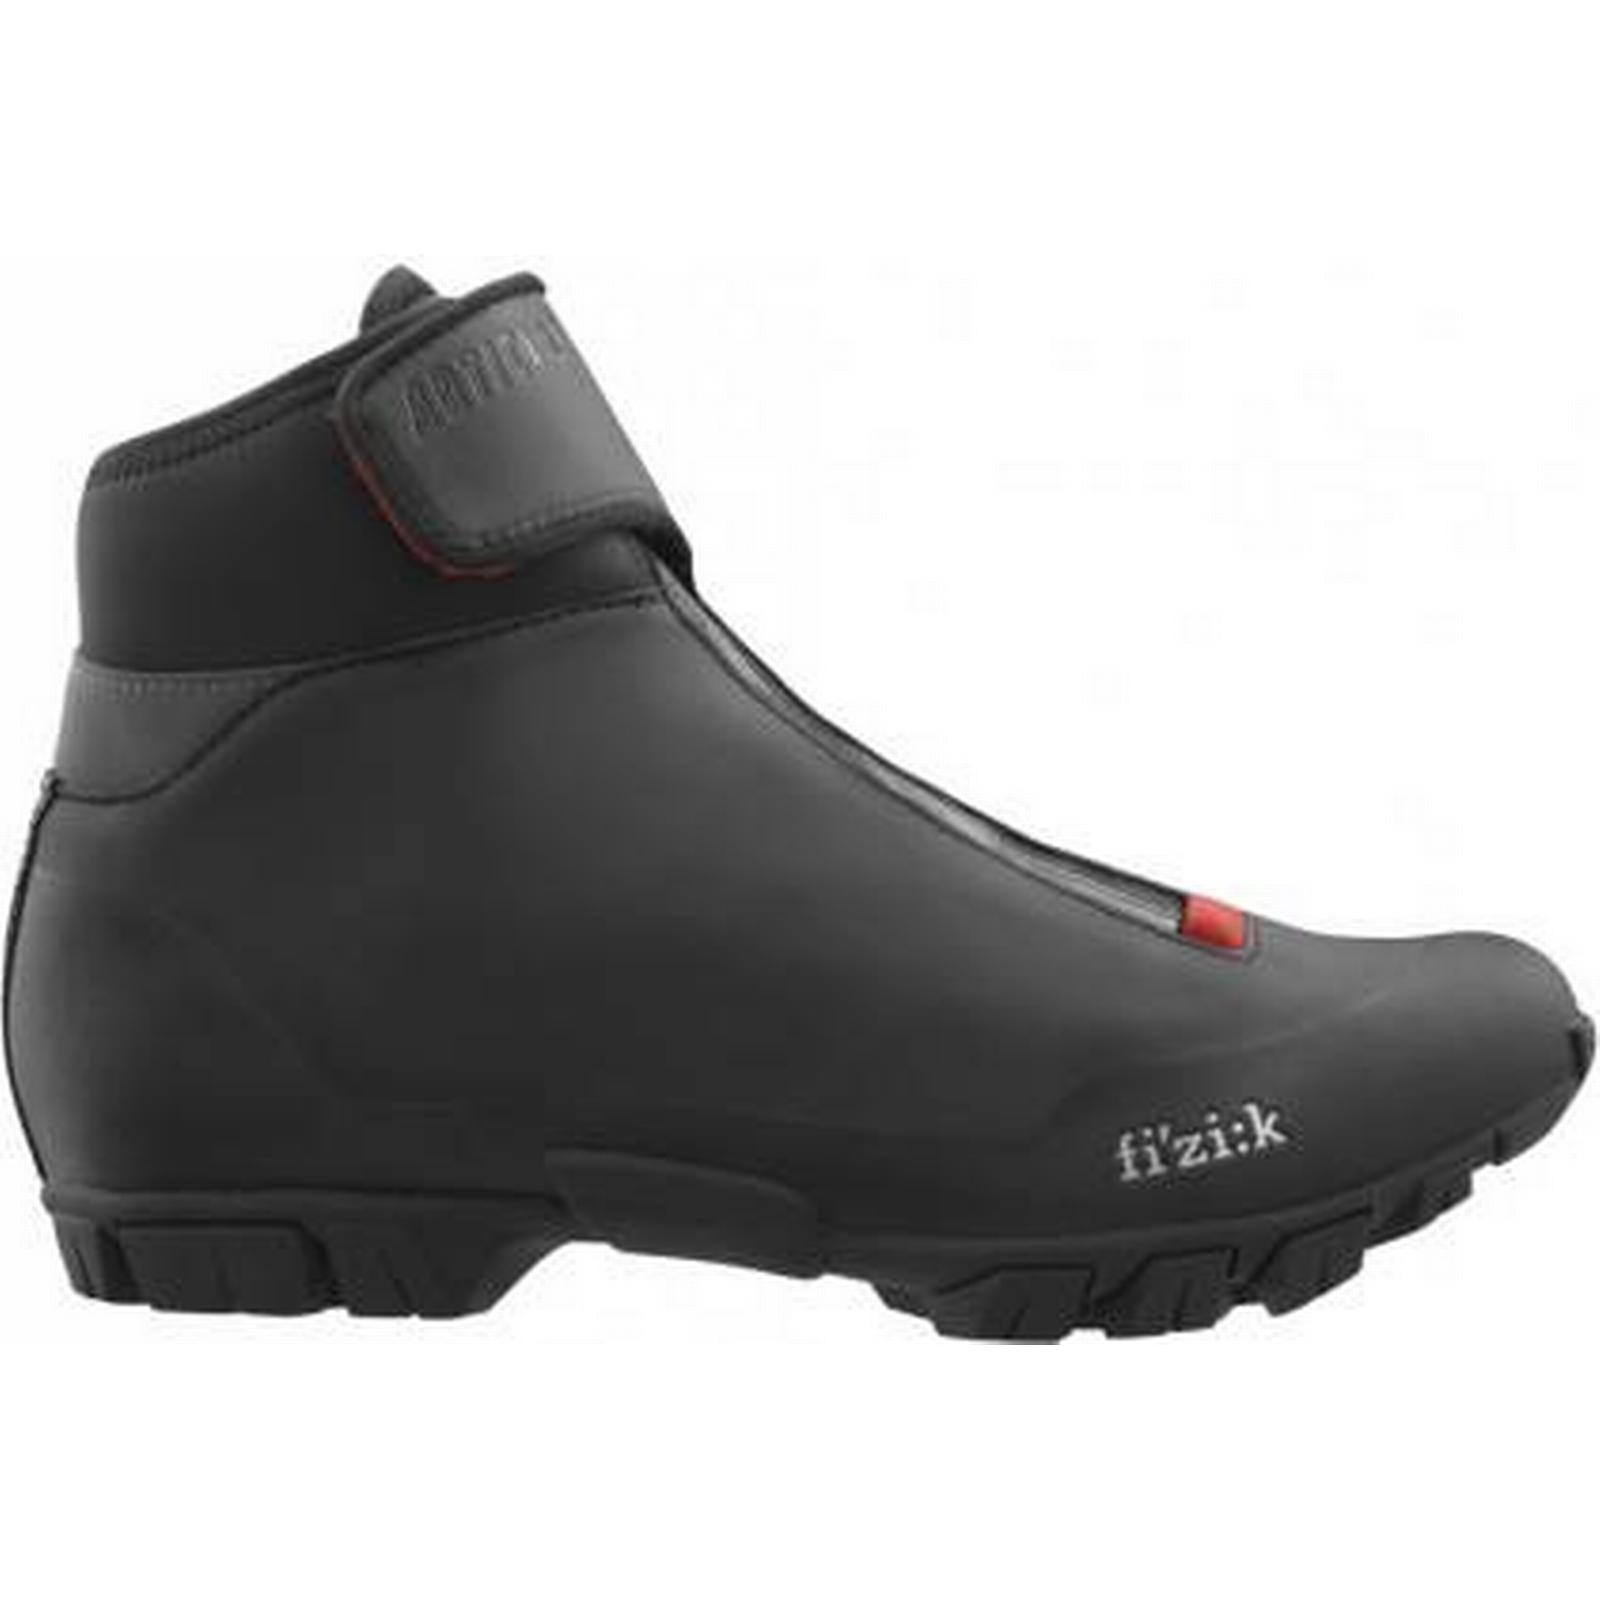 Fizik X5 Artica Mountain - Bike Shoes - 2018 - Mountain Black / EU43 df18d8